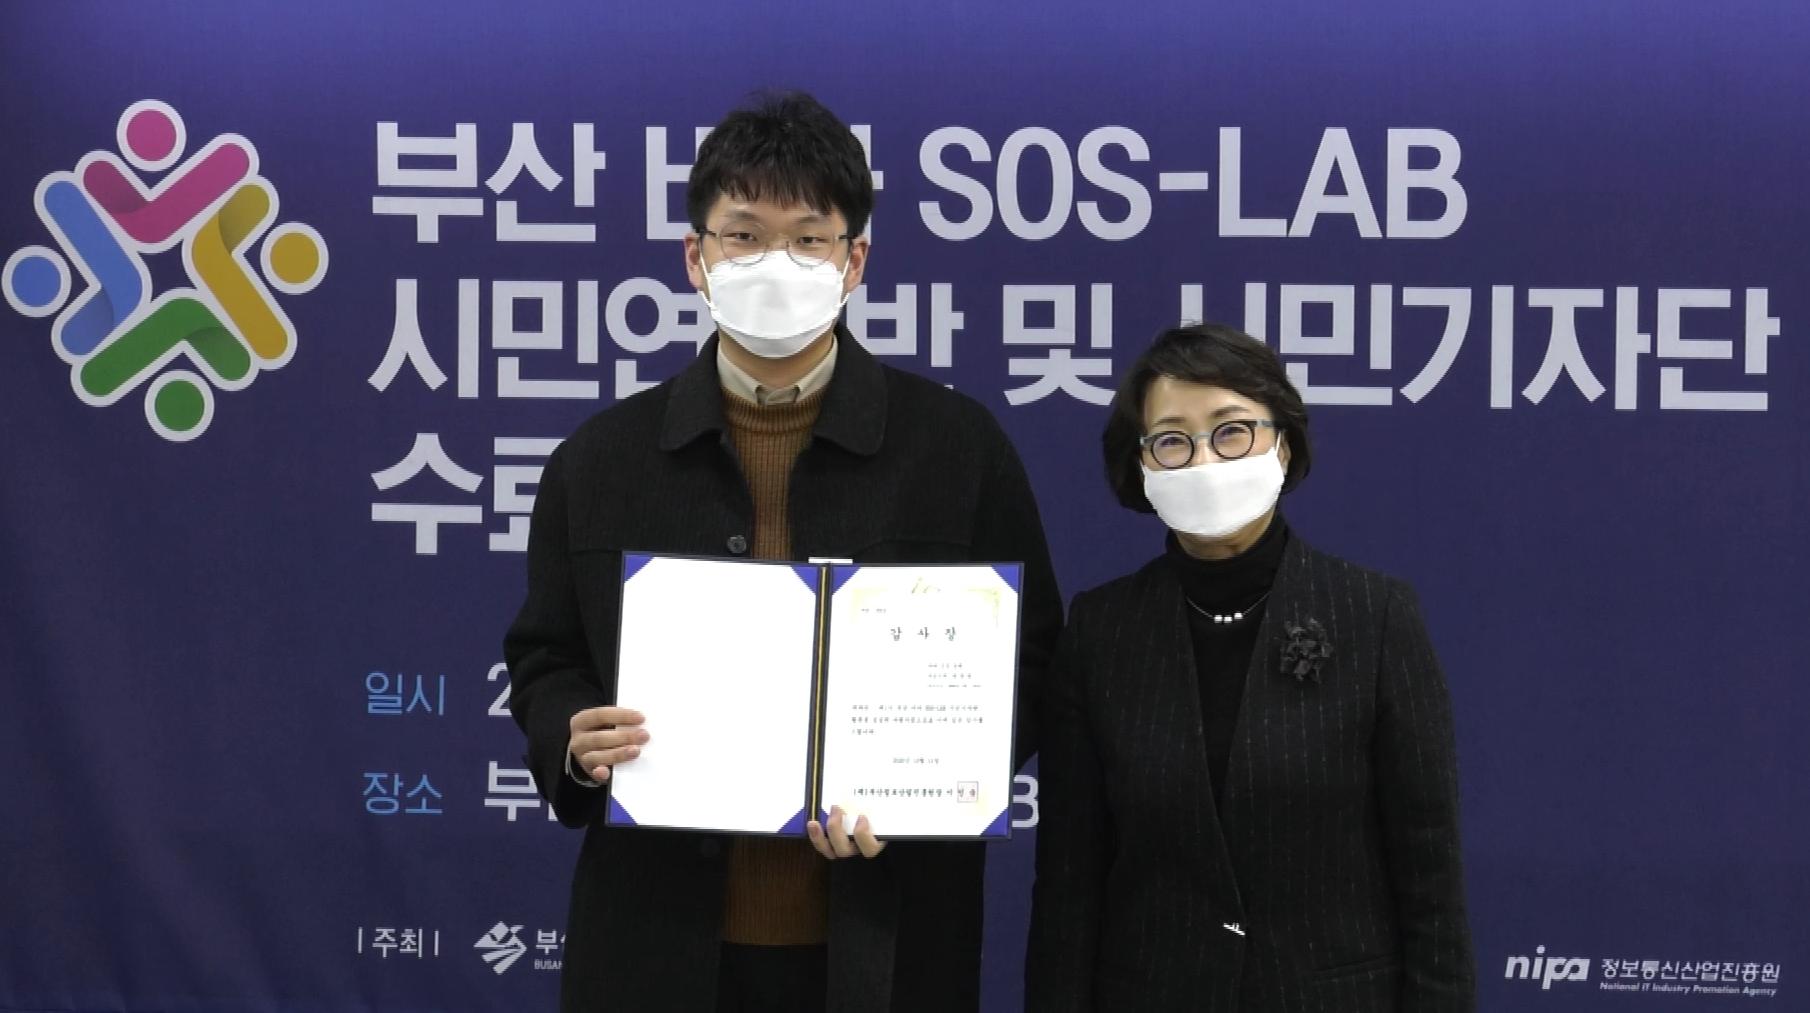 부산 바다 SOS-LAB 시민연구반 및 시민기자단 수료.. 사진